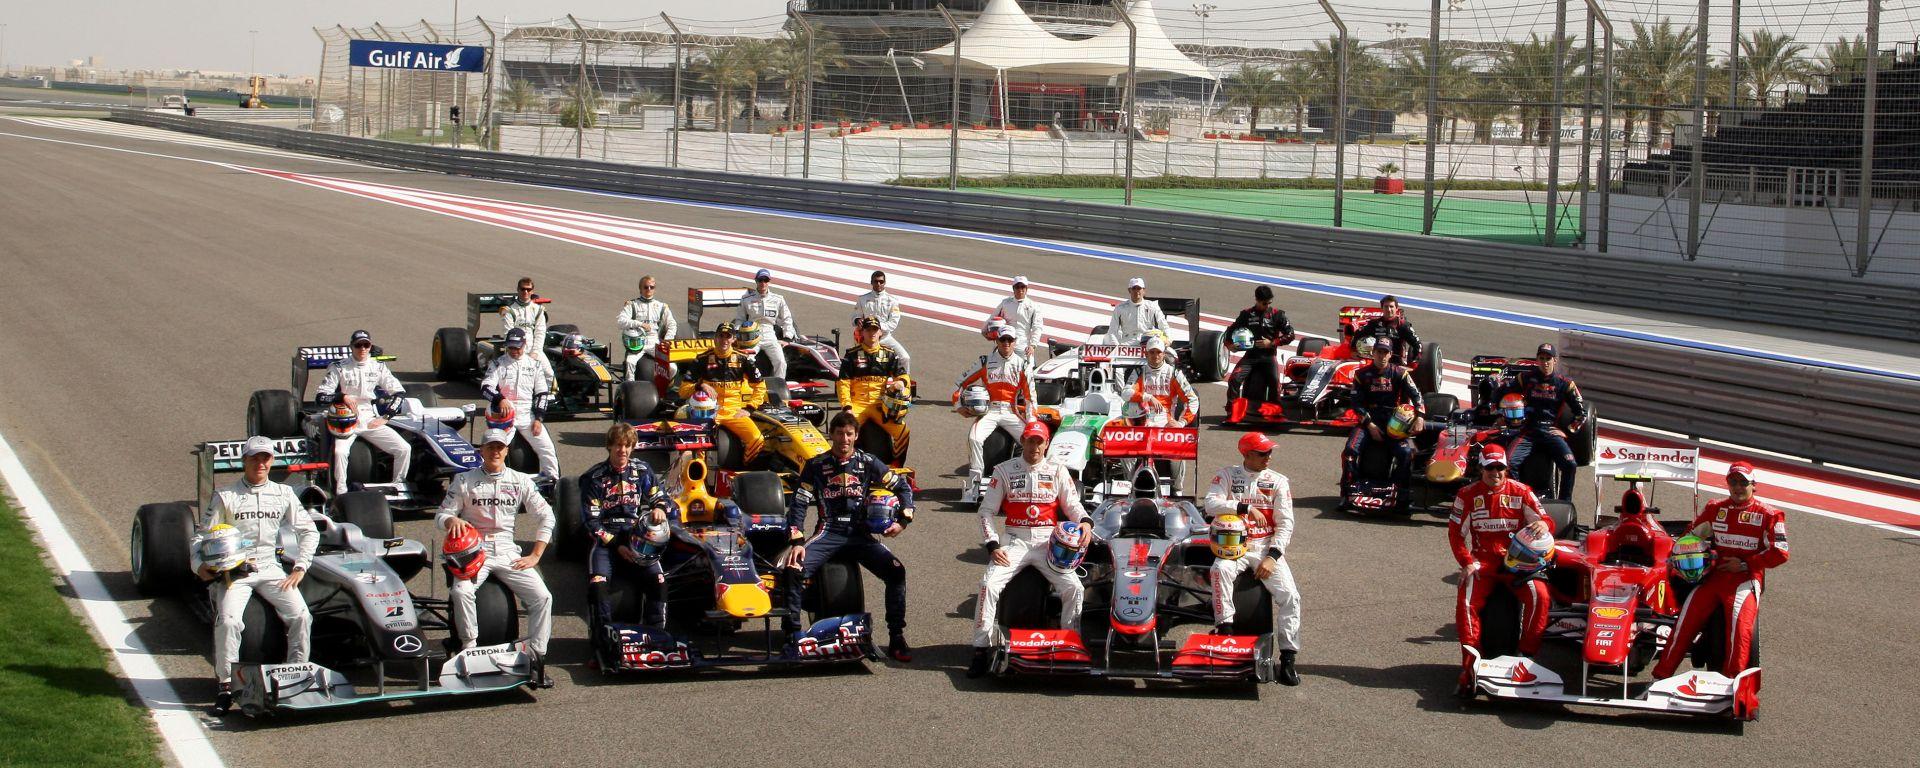 F1, GP Bahrain 2010: la foto di gruppo di piloti e vetture per i 60 anni della Formula 1